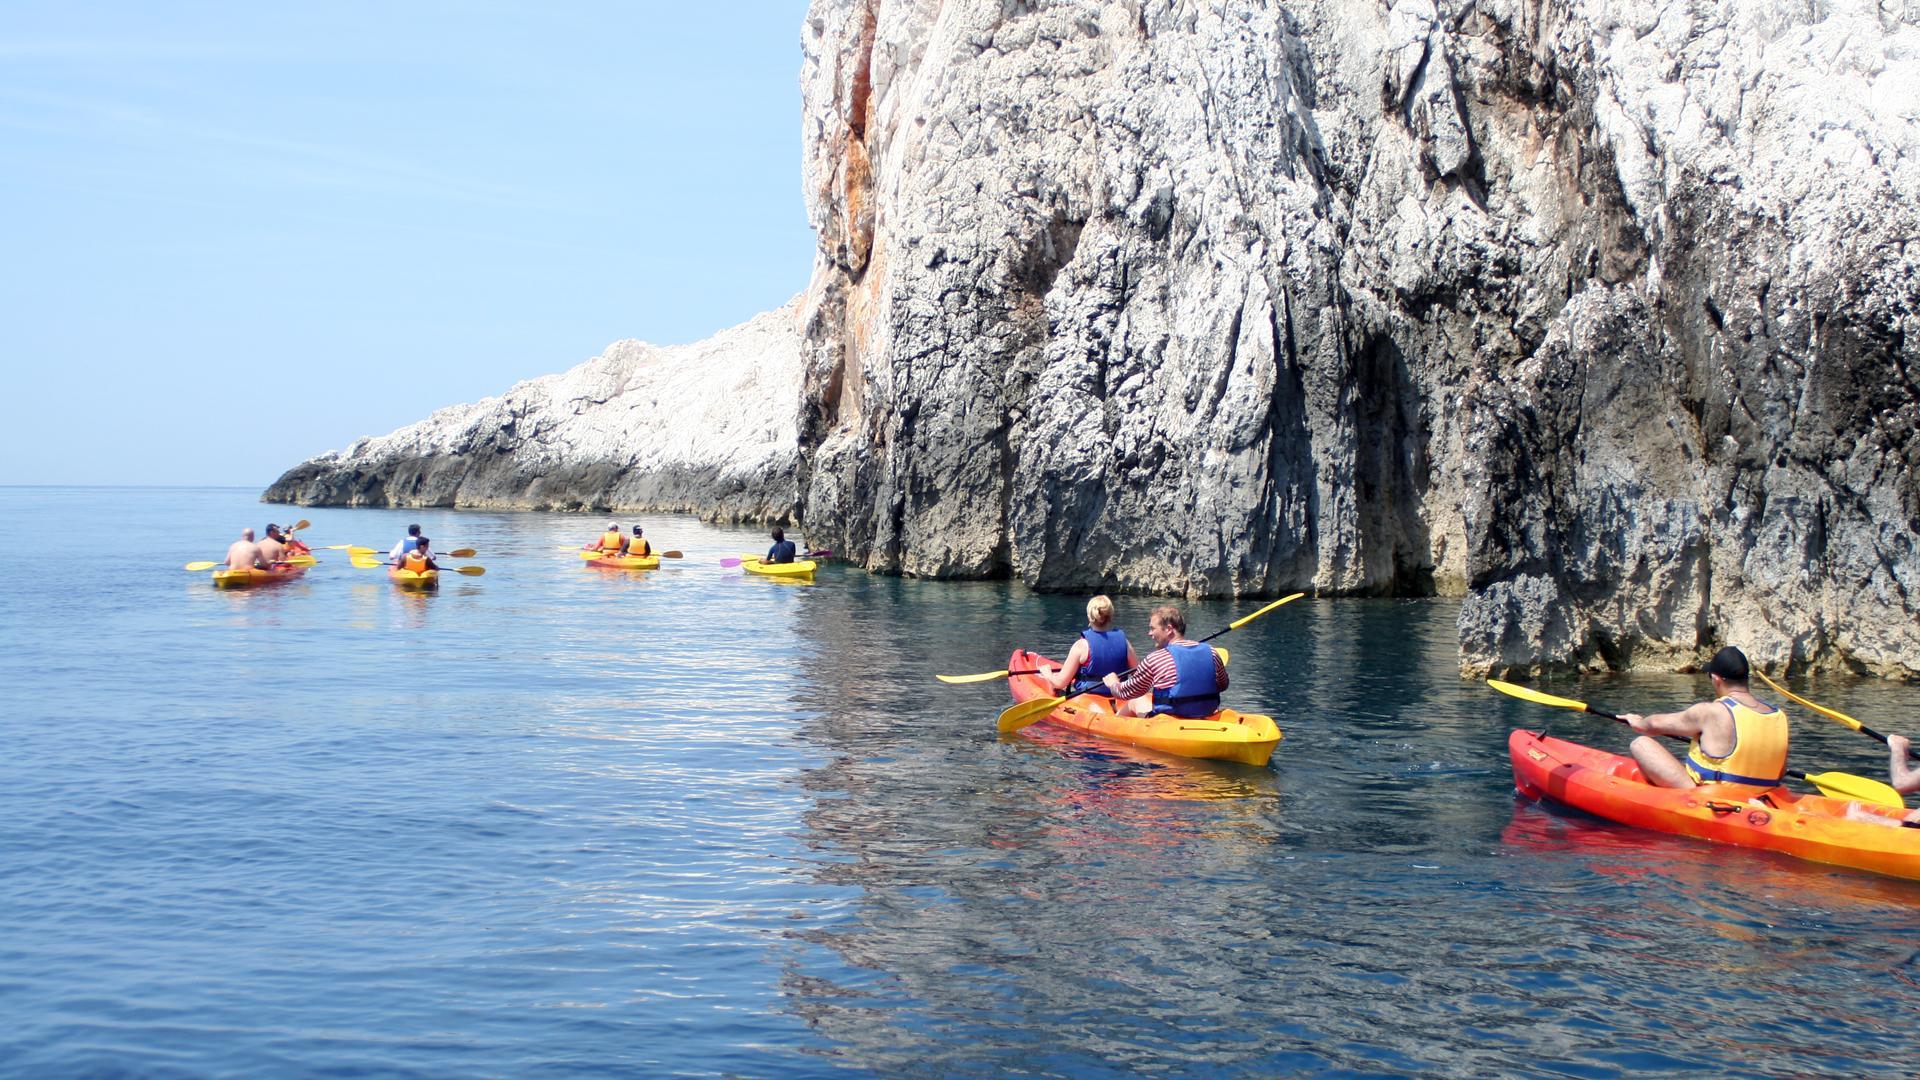 Kajakom po Limskom zaljevu